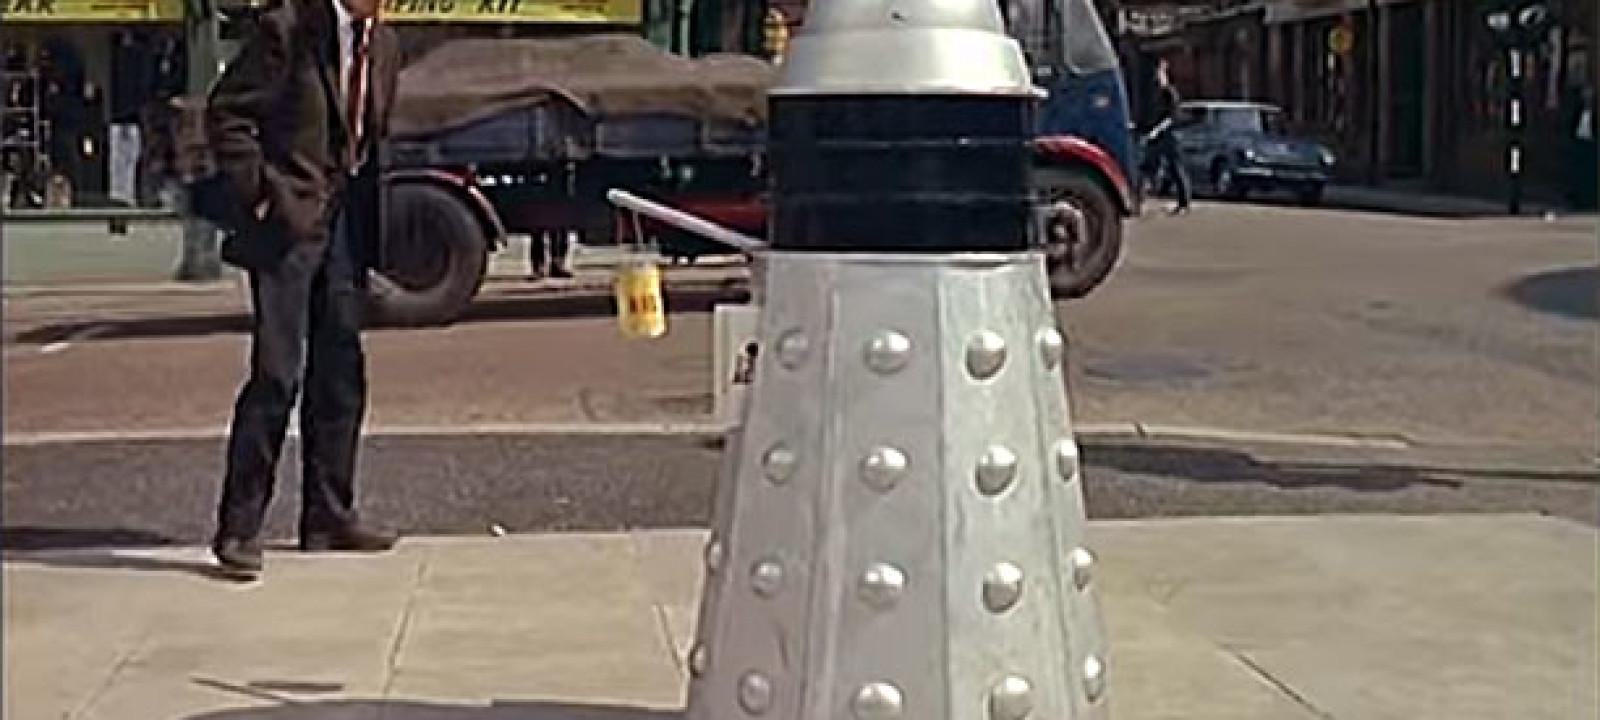 High street Dalek (Pic: British Pathe)